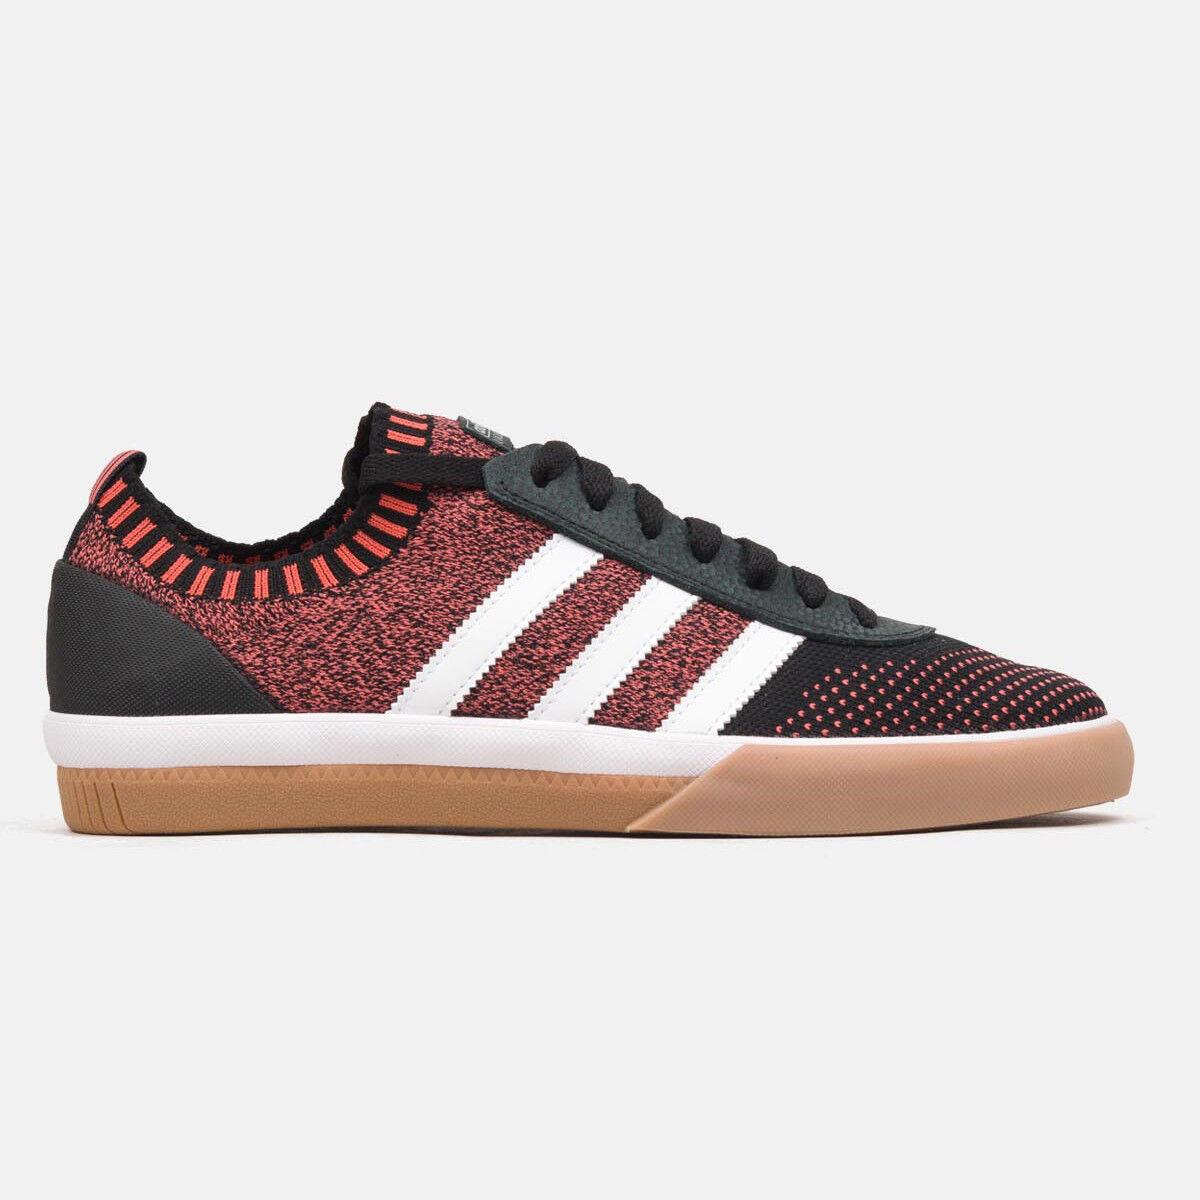 Adidas Lucas Premiere PK S board shoes   SZ 10  NIB   offering 100%